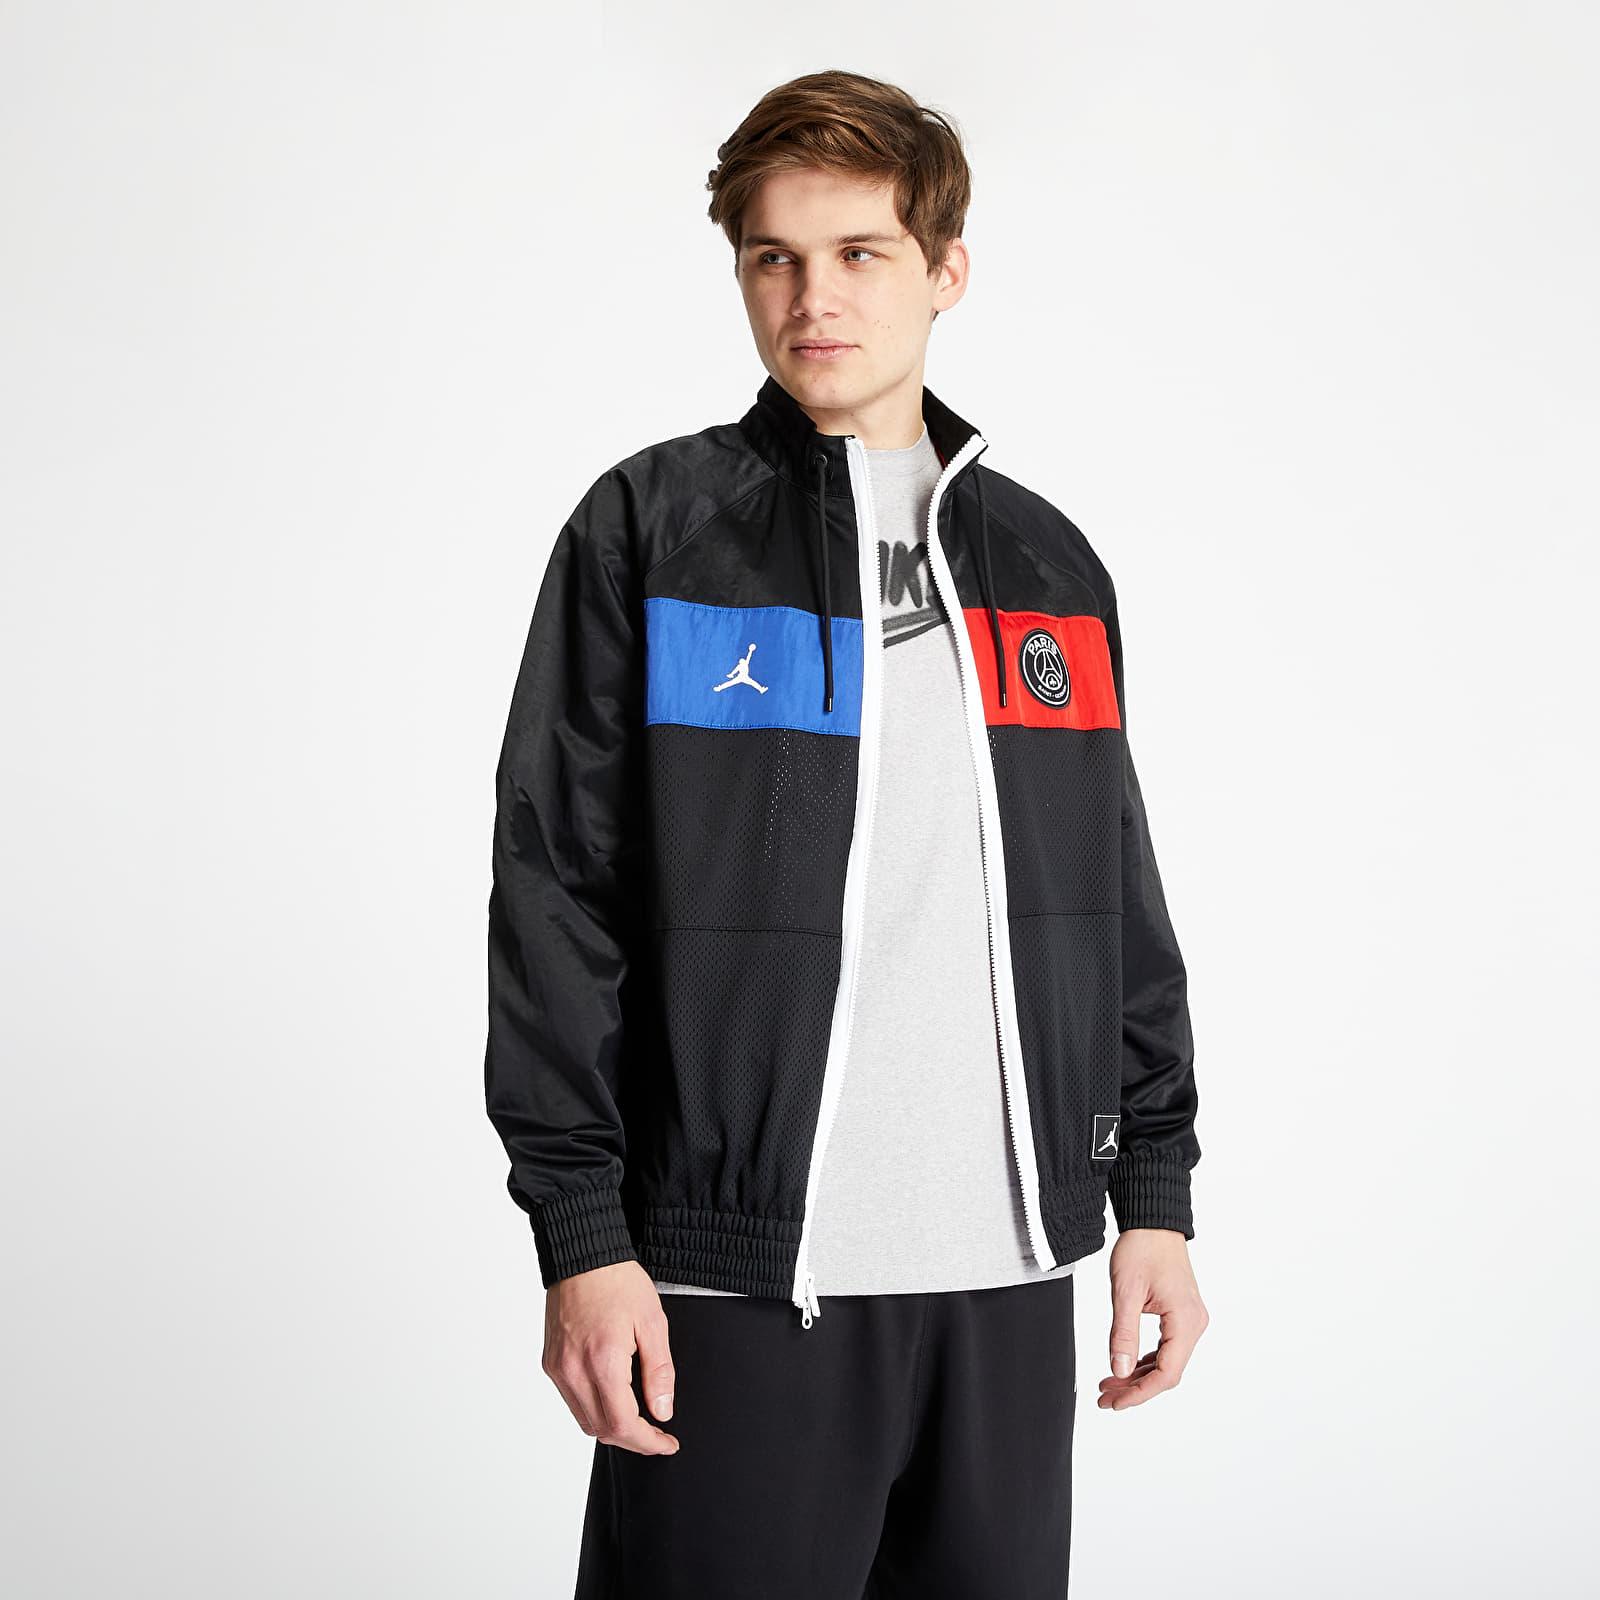 Dzsekik Jordan Paris Saint-Germain Air Jordan Suit Jacket Black/ Game Royal/ University Red